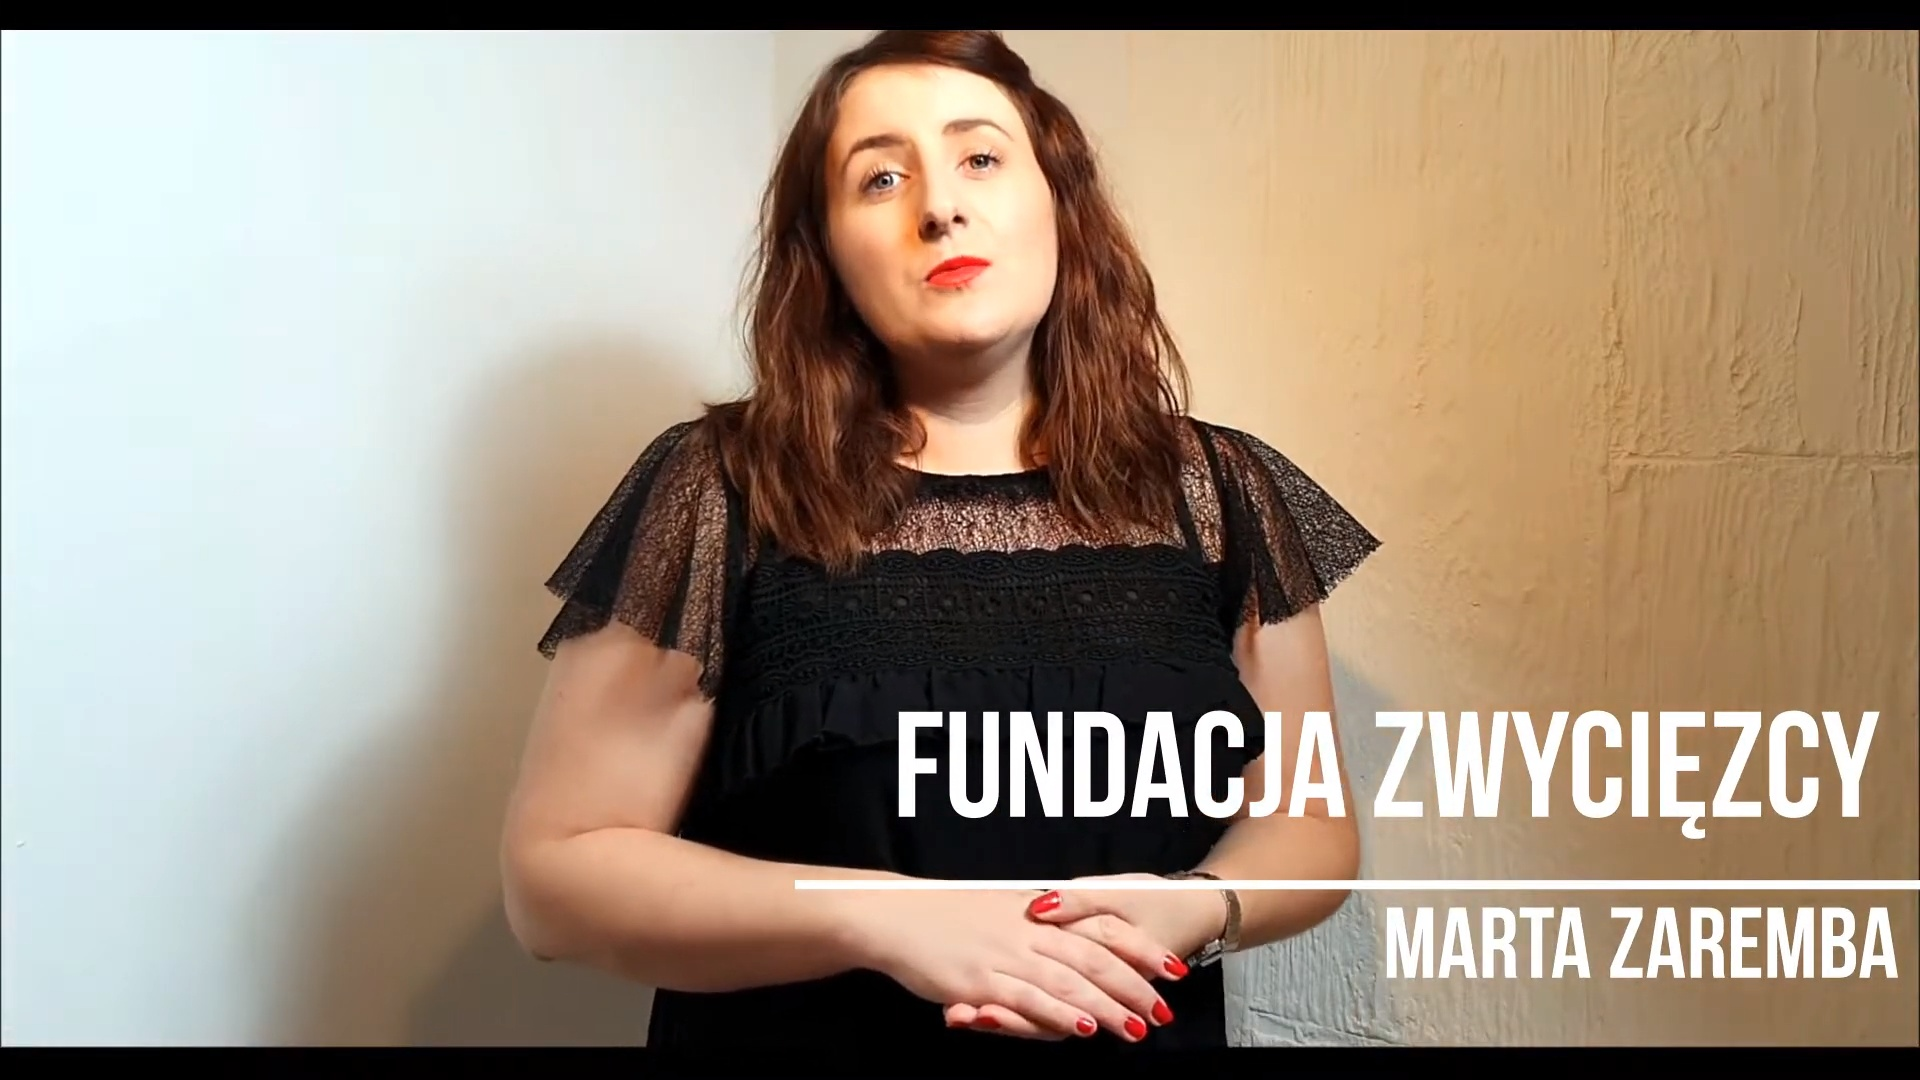 Marta Zaremba